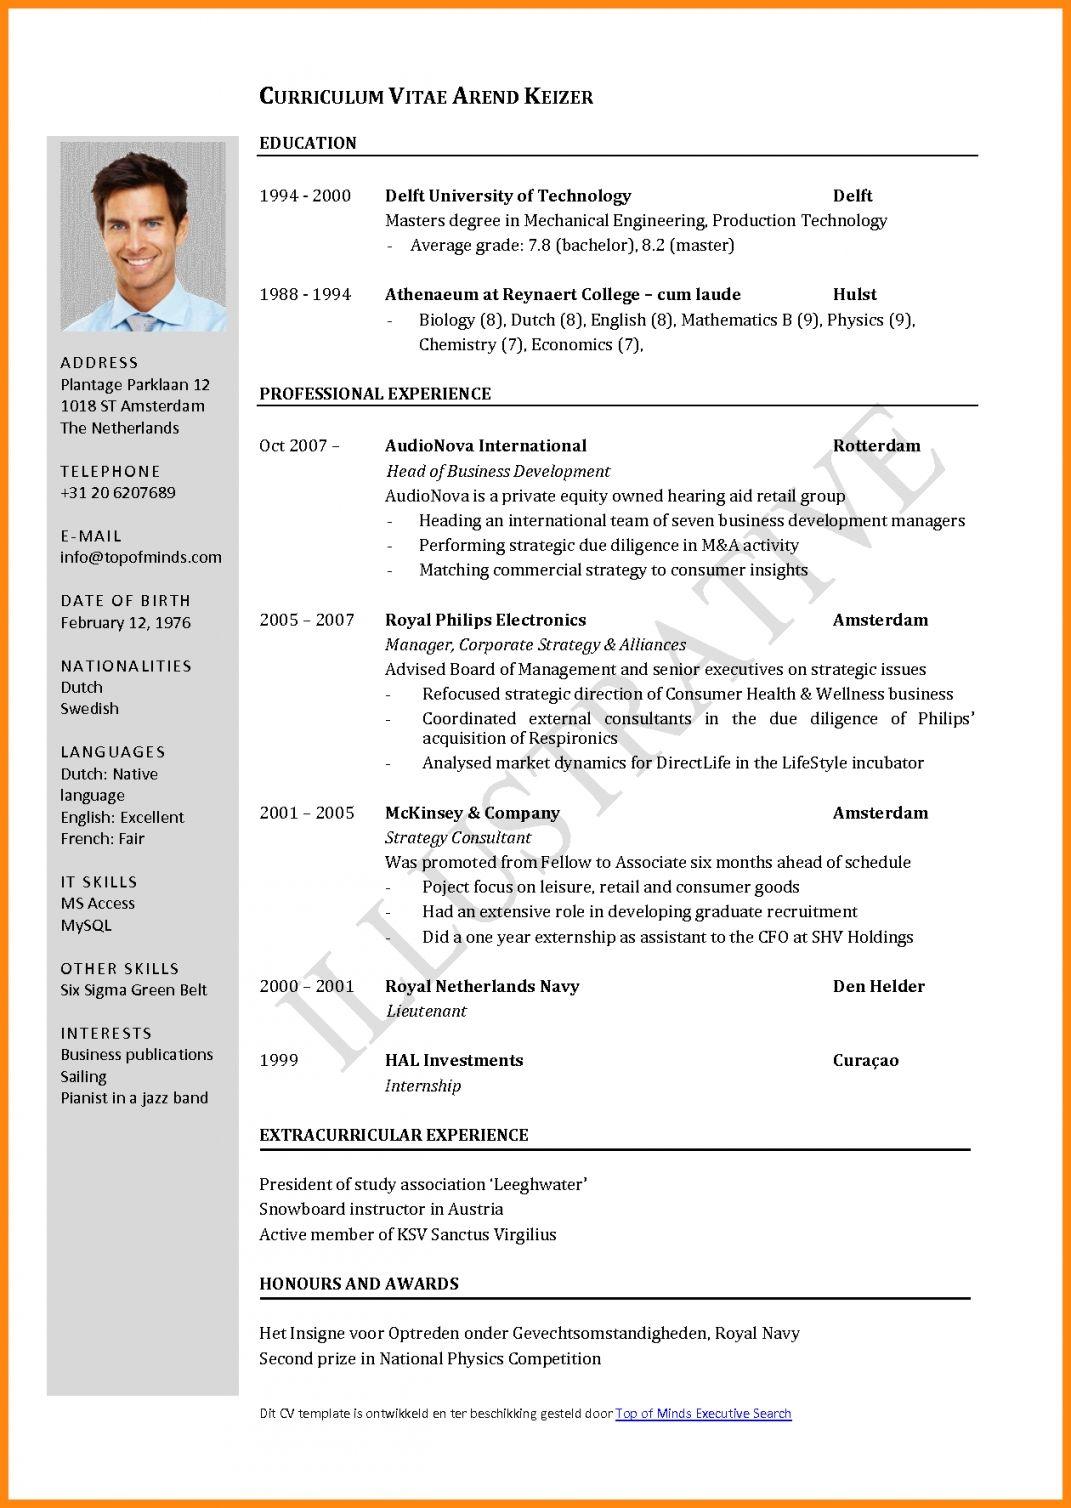 Resume Format Germany Lebenslauf Auf Englisch Englischer Lebenslauf Vorlage Vorlagen Lebenslauf